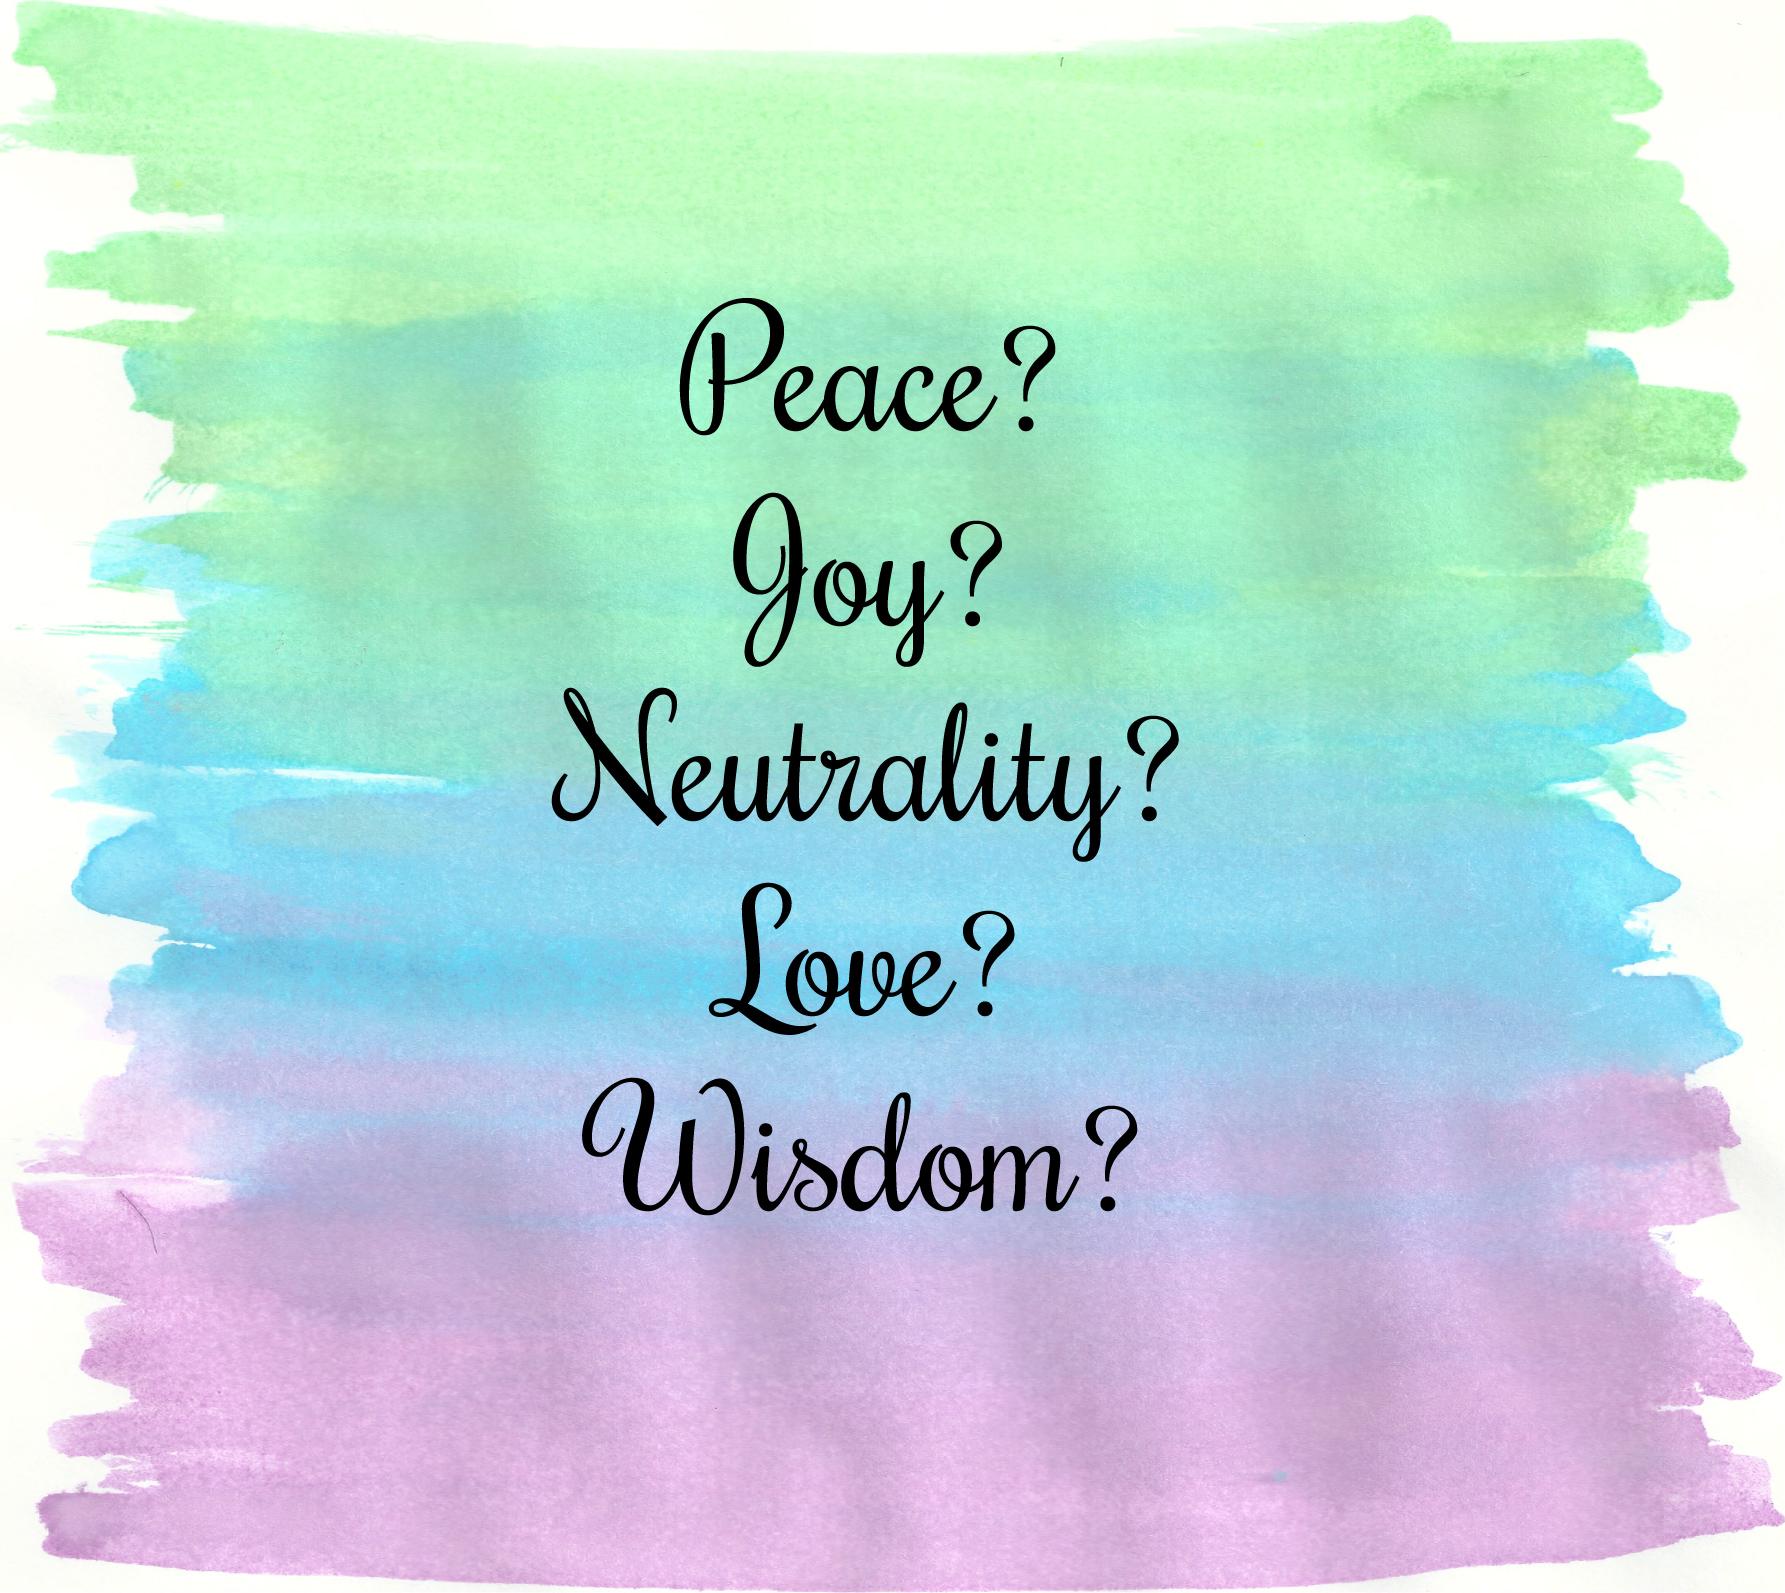 https://i0.wp.com/images.huffingtonpost.com/2014-12-31-peace.jpg